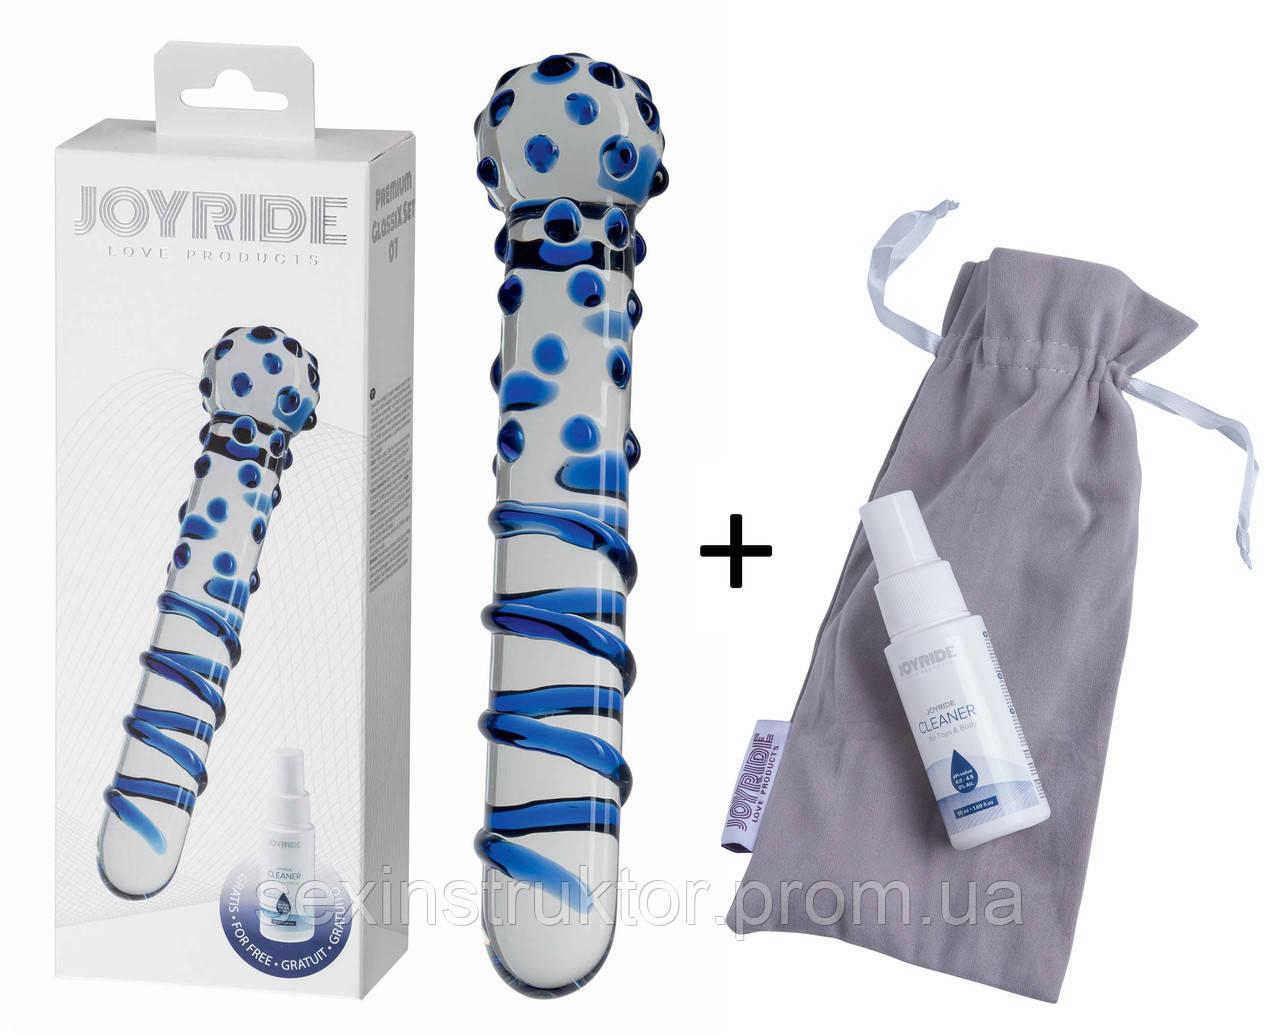 Скляний фалоімітатор - JOYRIDE Premium GlassiX Set 07